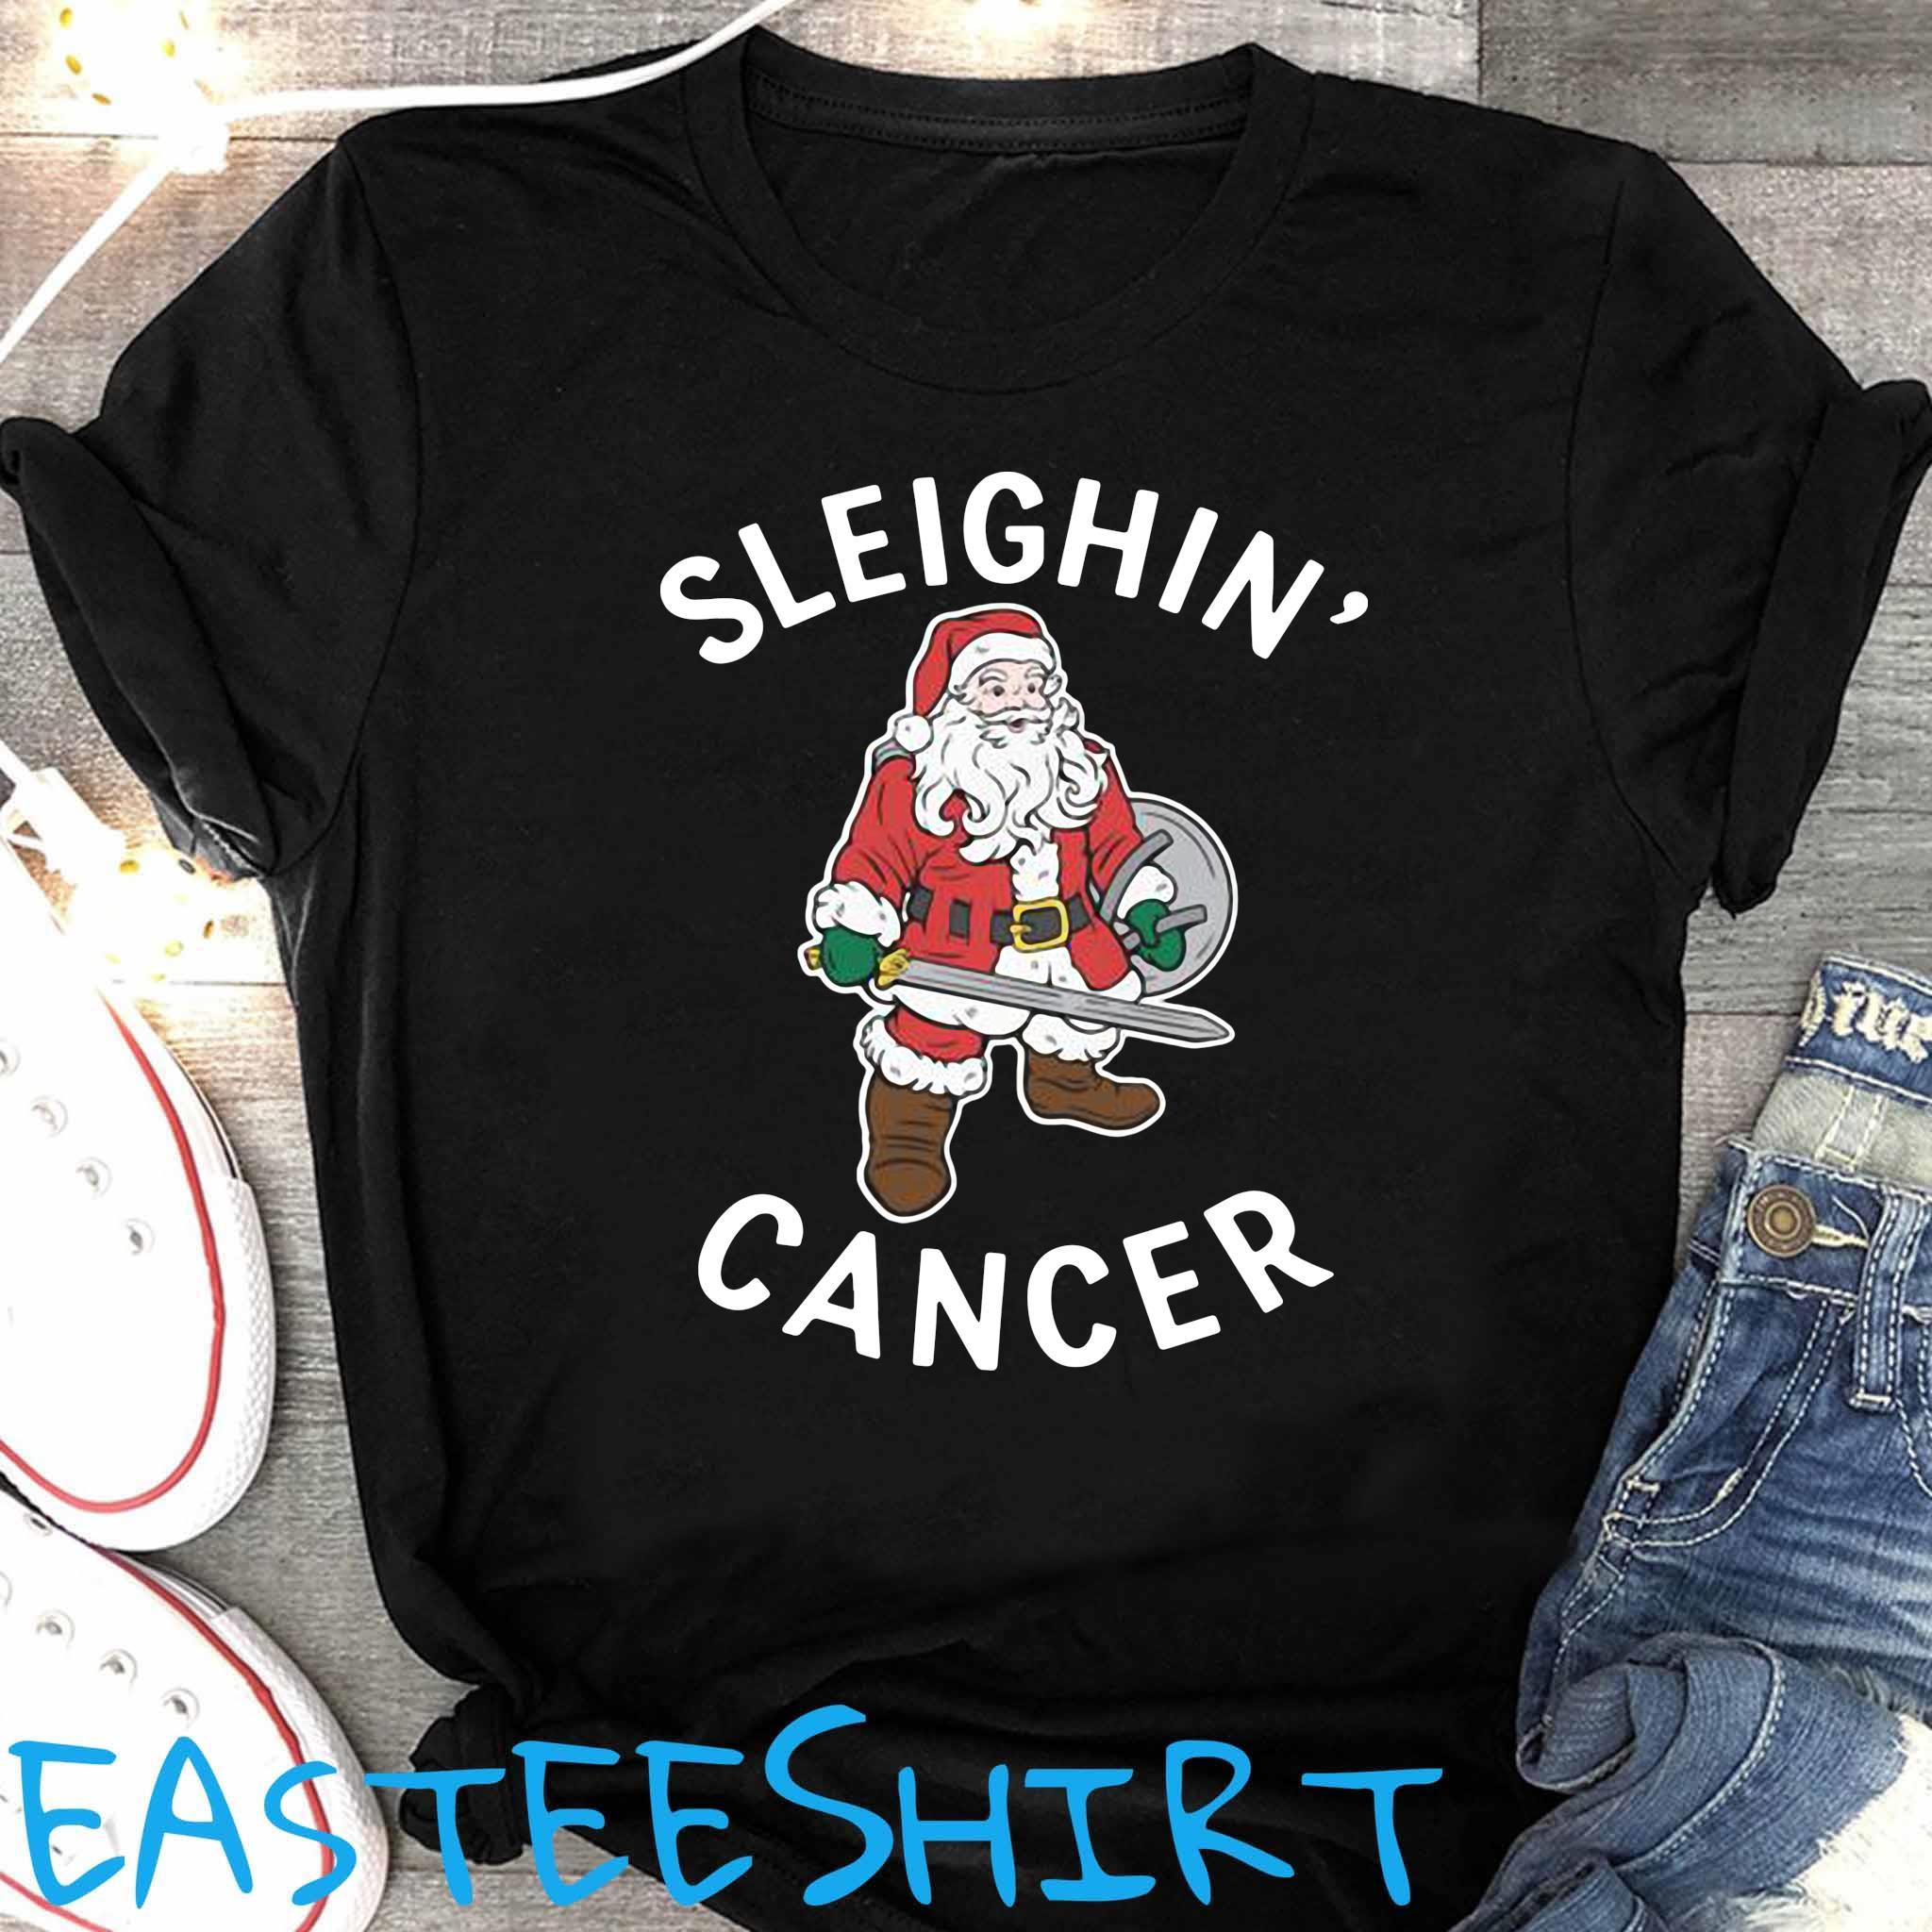 Santa Claus Sleighin' Cancer Shirt Women's Shirt